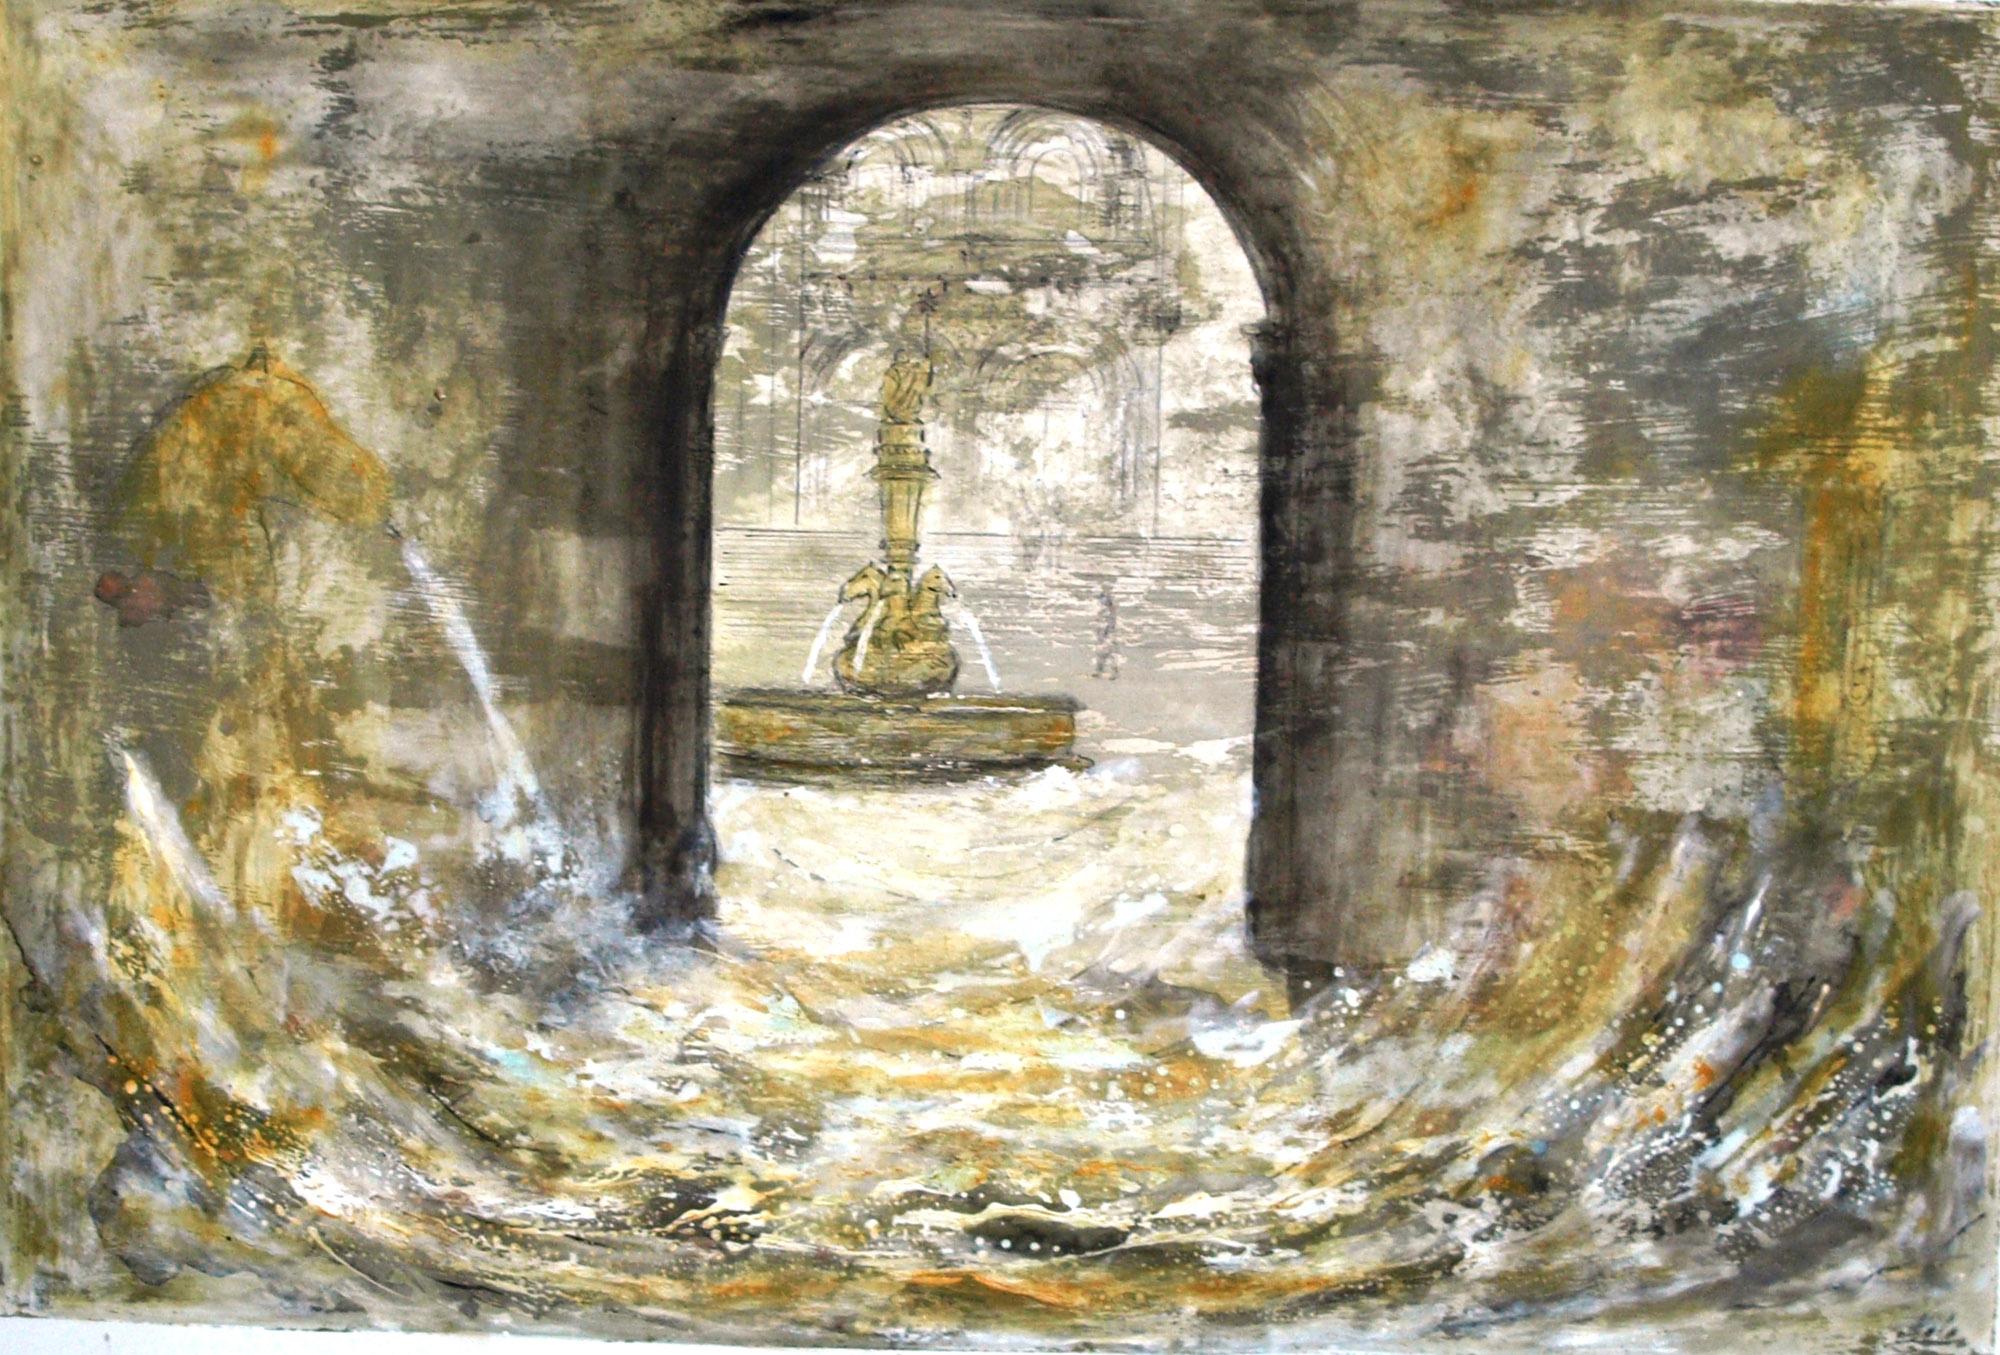 Compostela de auga e pedra